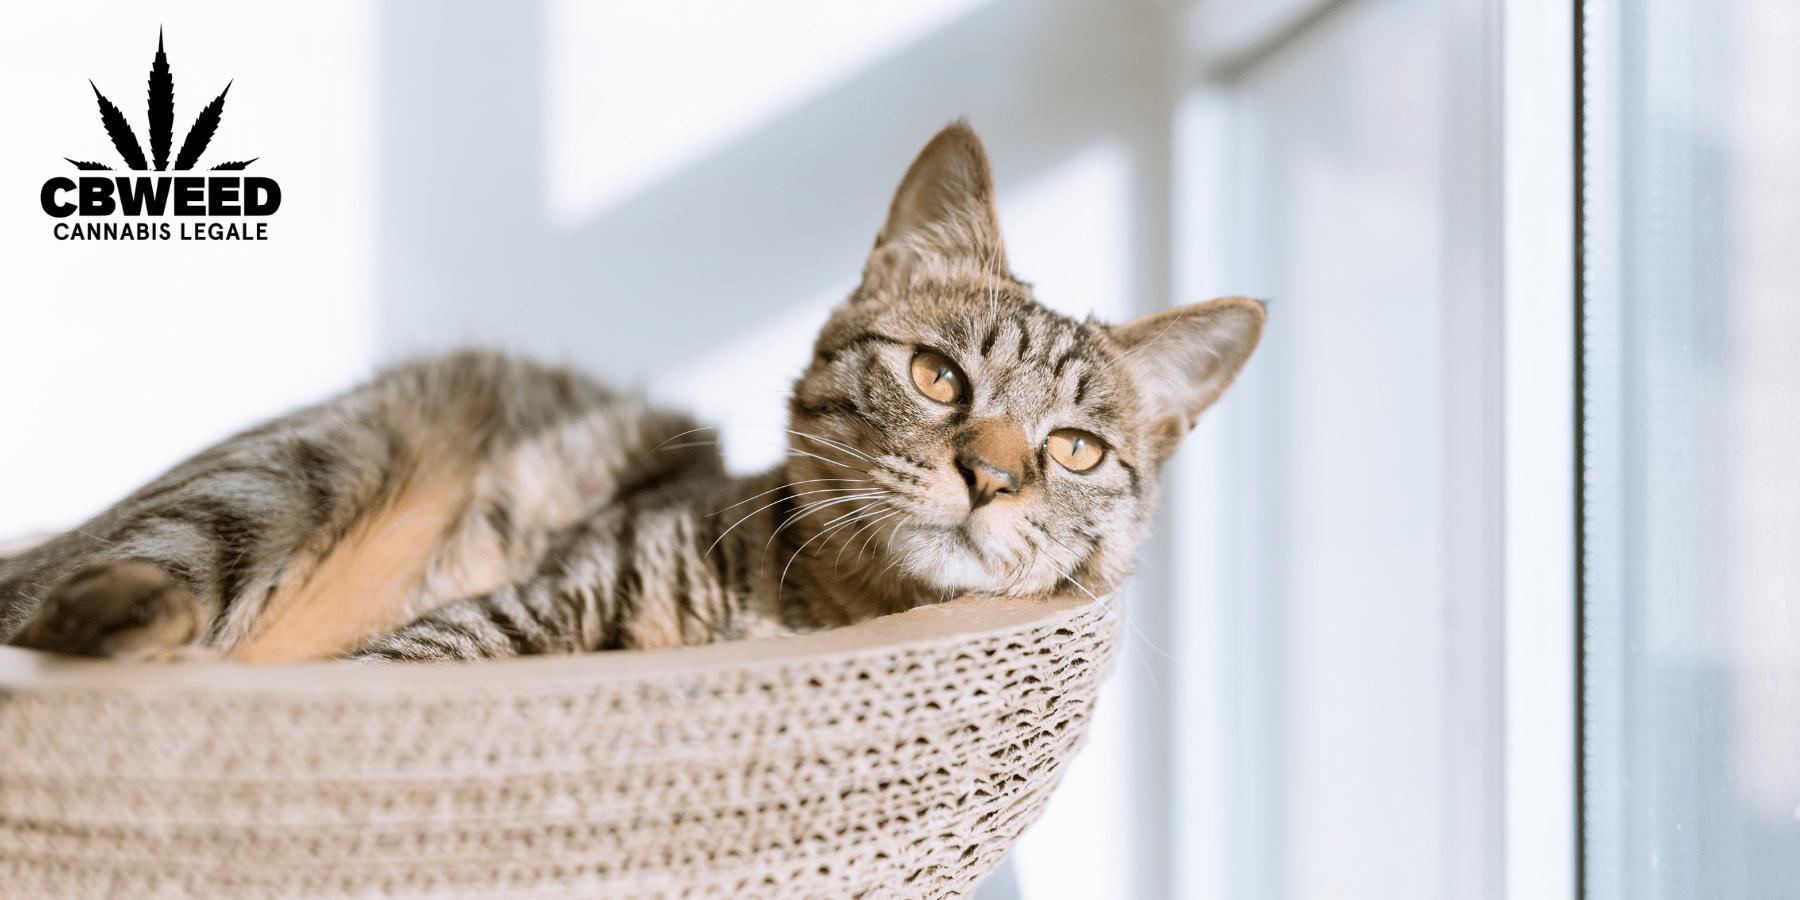 Jak může CBD pomoct zvířatům? Umí zmírnit stres?